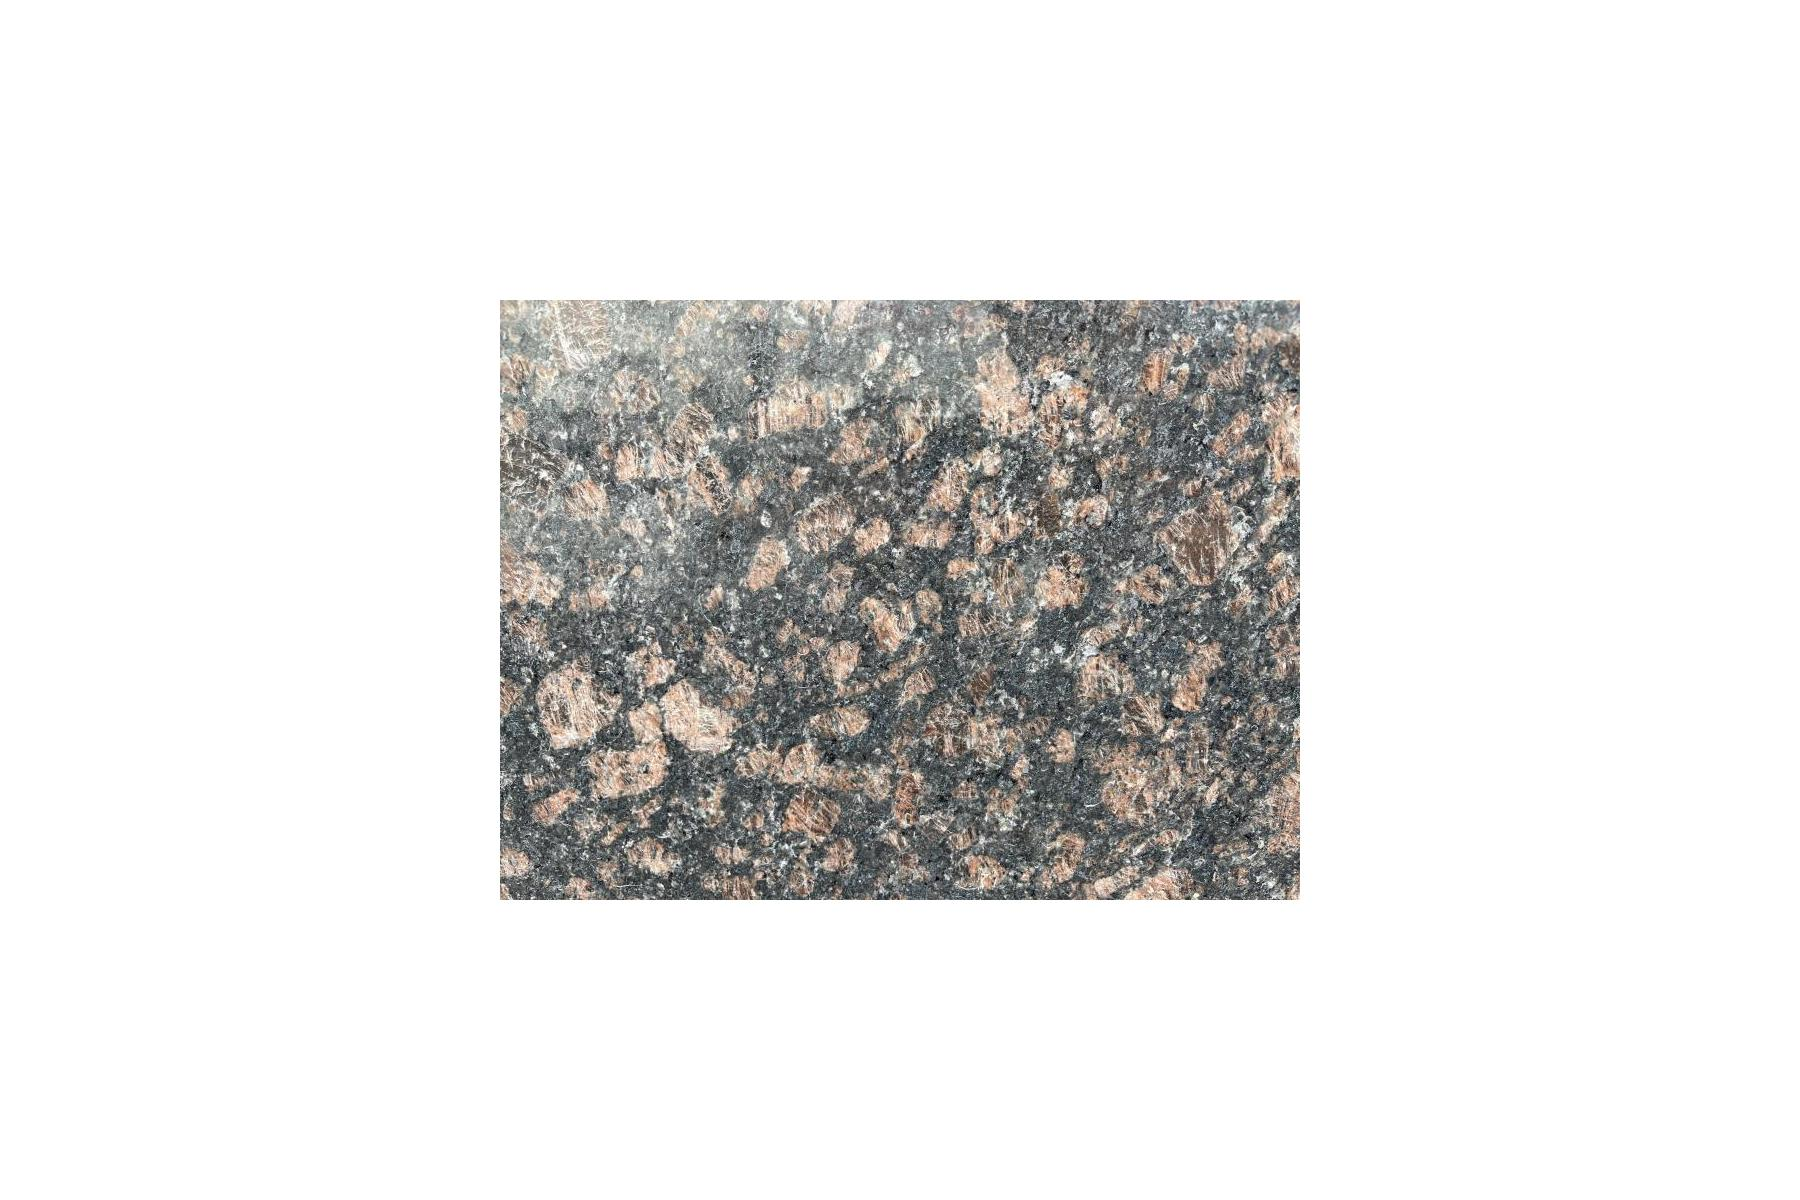 专业幕墙供应商,英国棕、蓝宝石、金钻麻、啡钻、红钻、木玛丽等